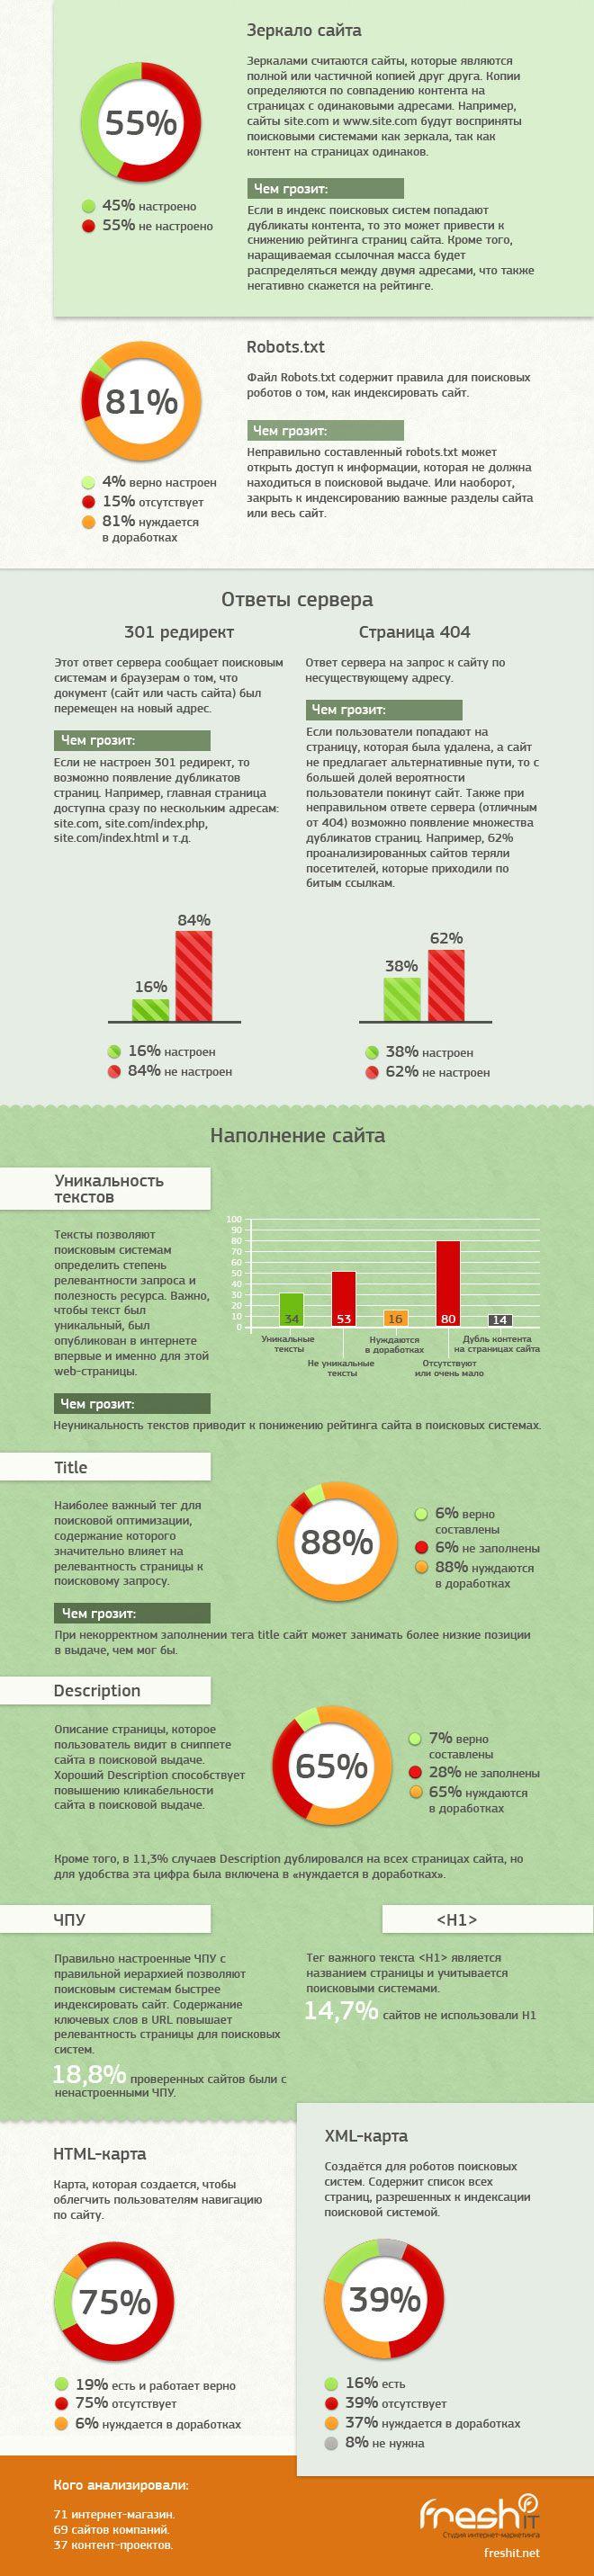 11 распространенных SEO-ошибок на украинских сайтах